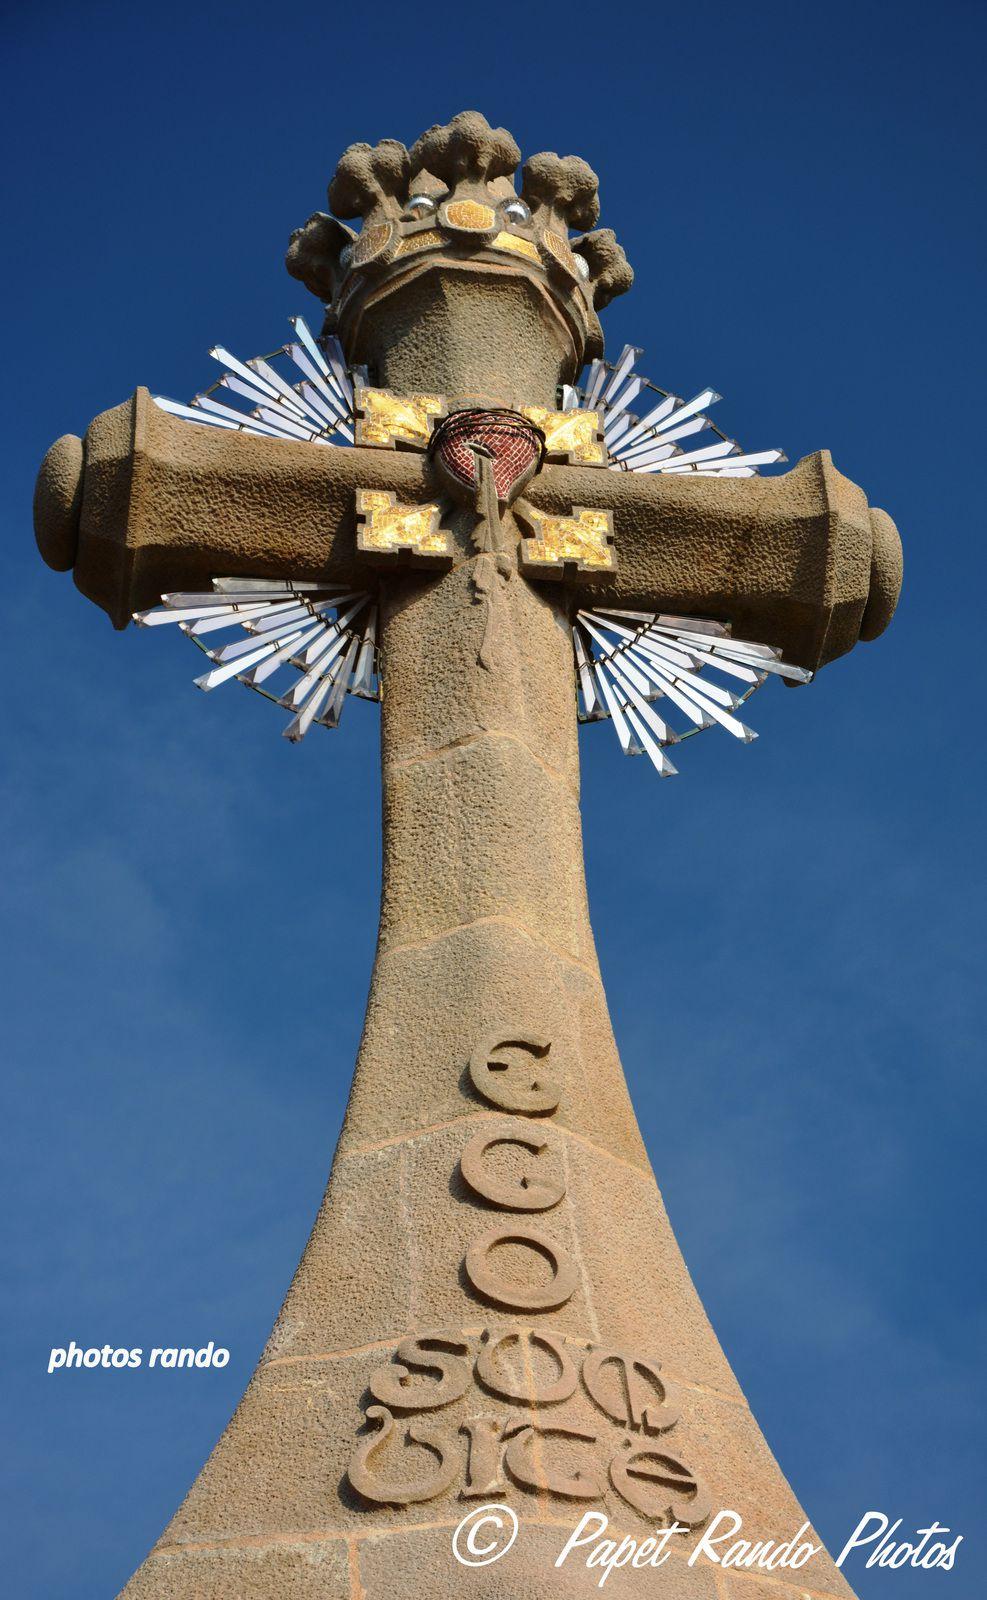 Le cimetiere de Lloret de Mar , un des plus beau d'Europe, souvent de nombreux photgraphes & dessinateurs y sont